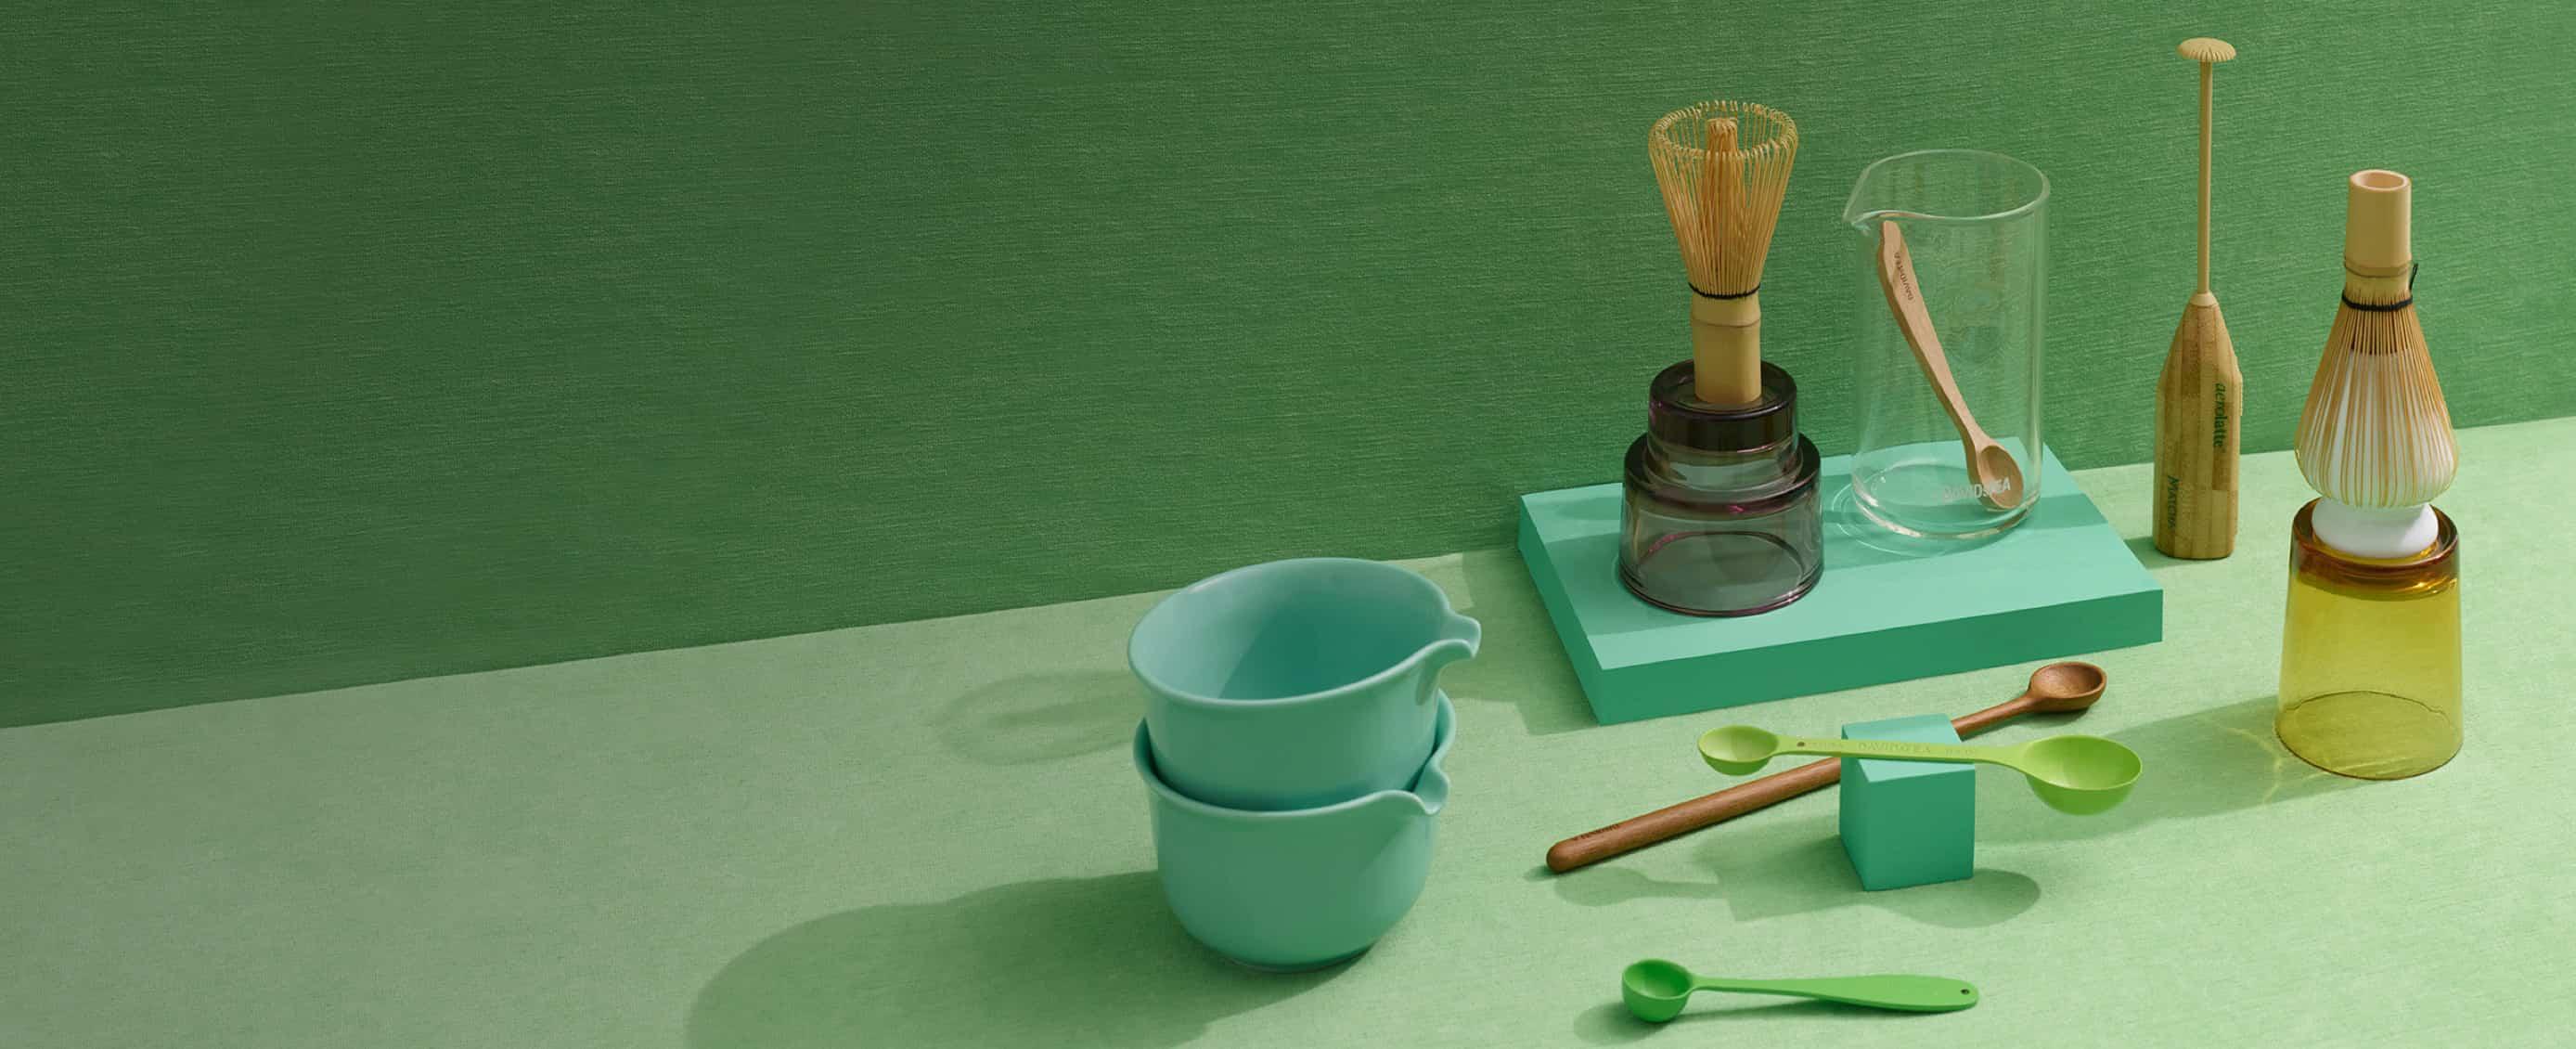 Bol à matcha avec bec vide, fouet à matcha en bambou sur support pour fouet, cuillères en bambou, bécher en verre transparent.